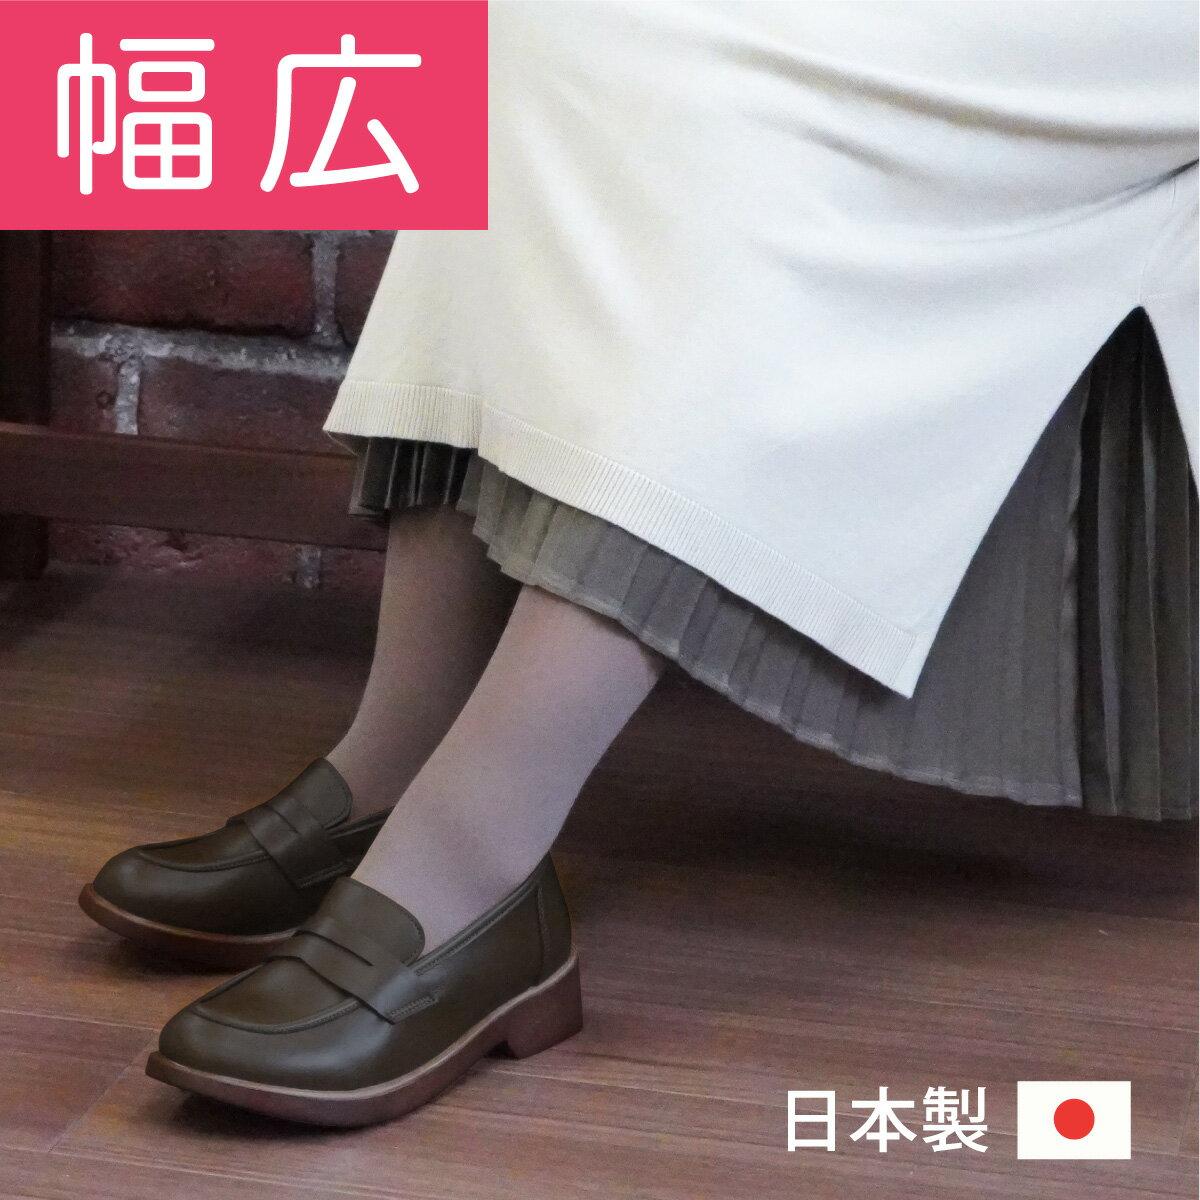 【幅広特注】コインローファーインソール入りsofa★4107 NHK ルソンの壺 の取材を受けました!